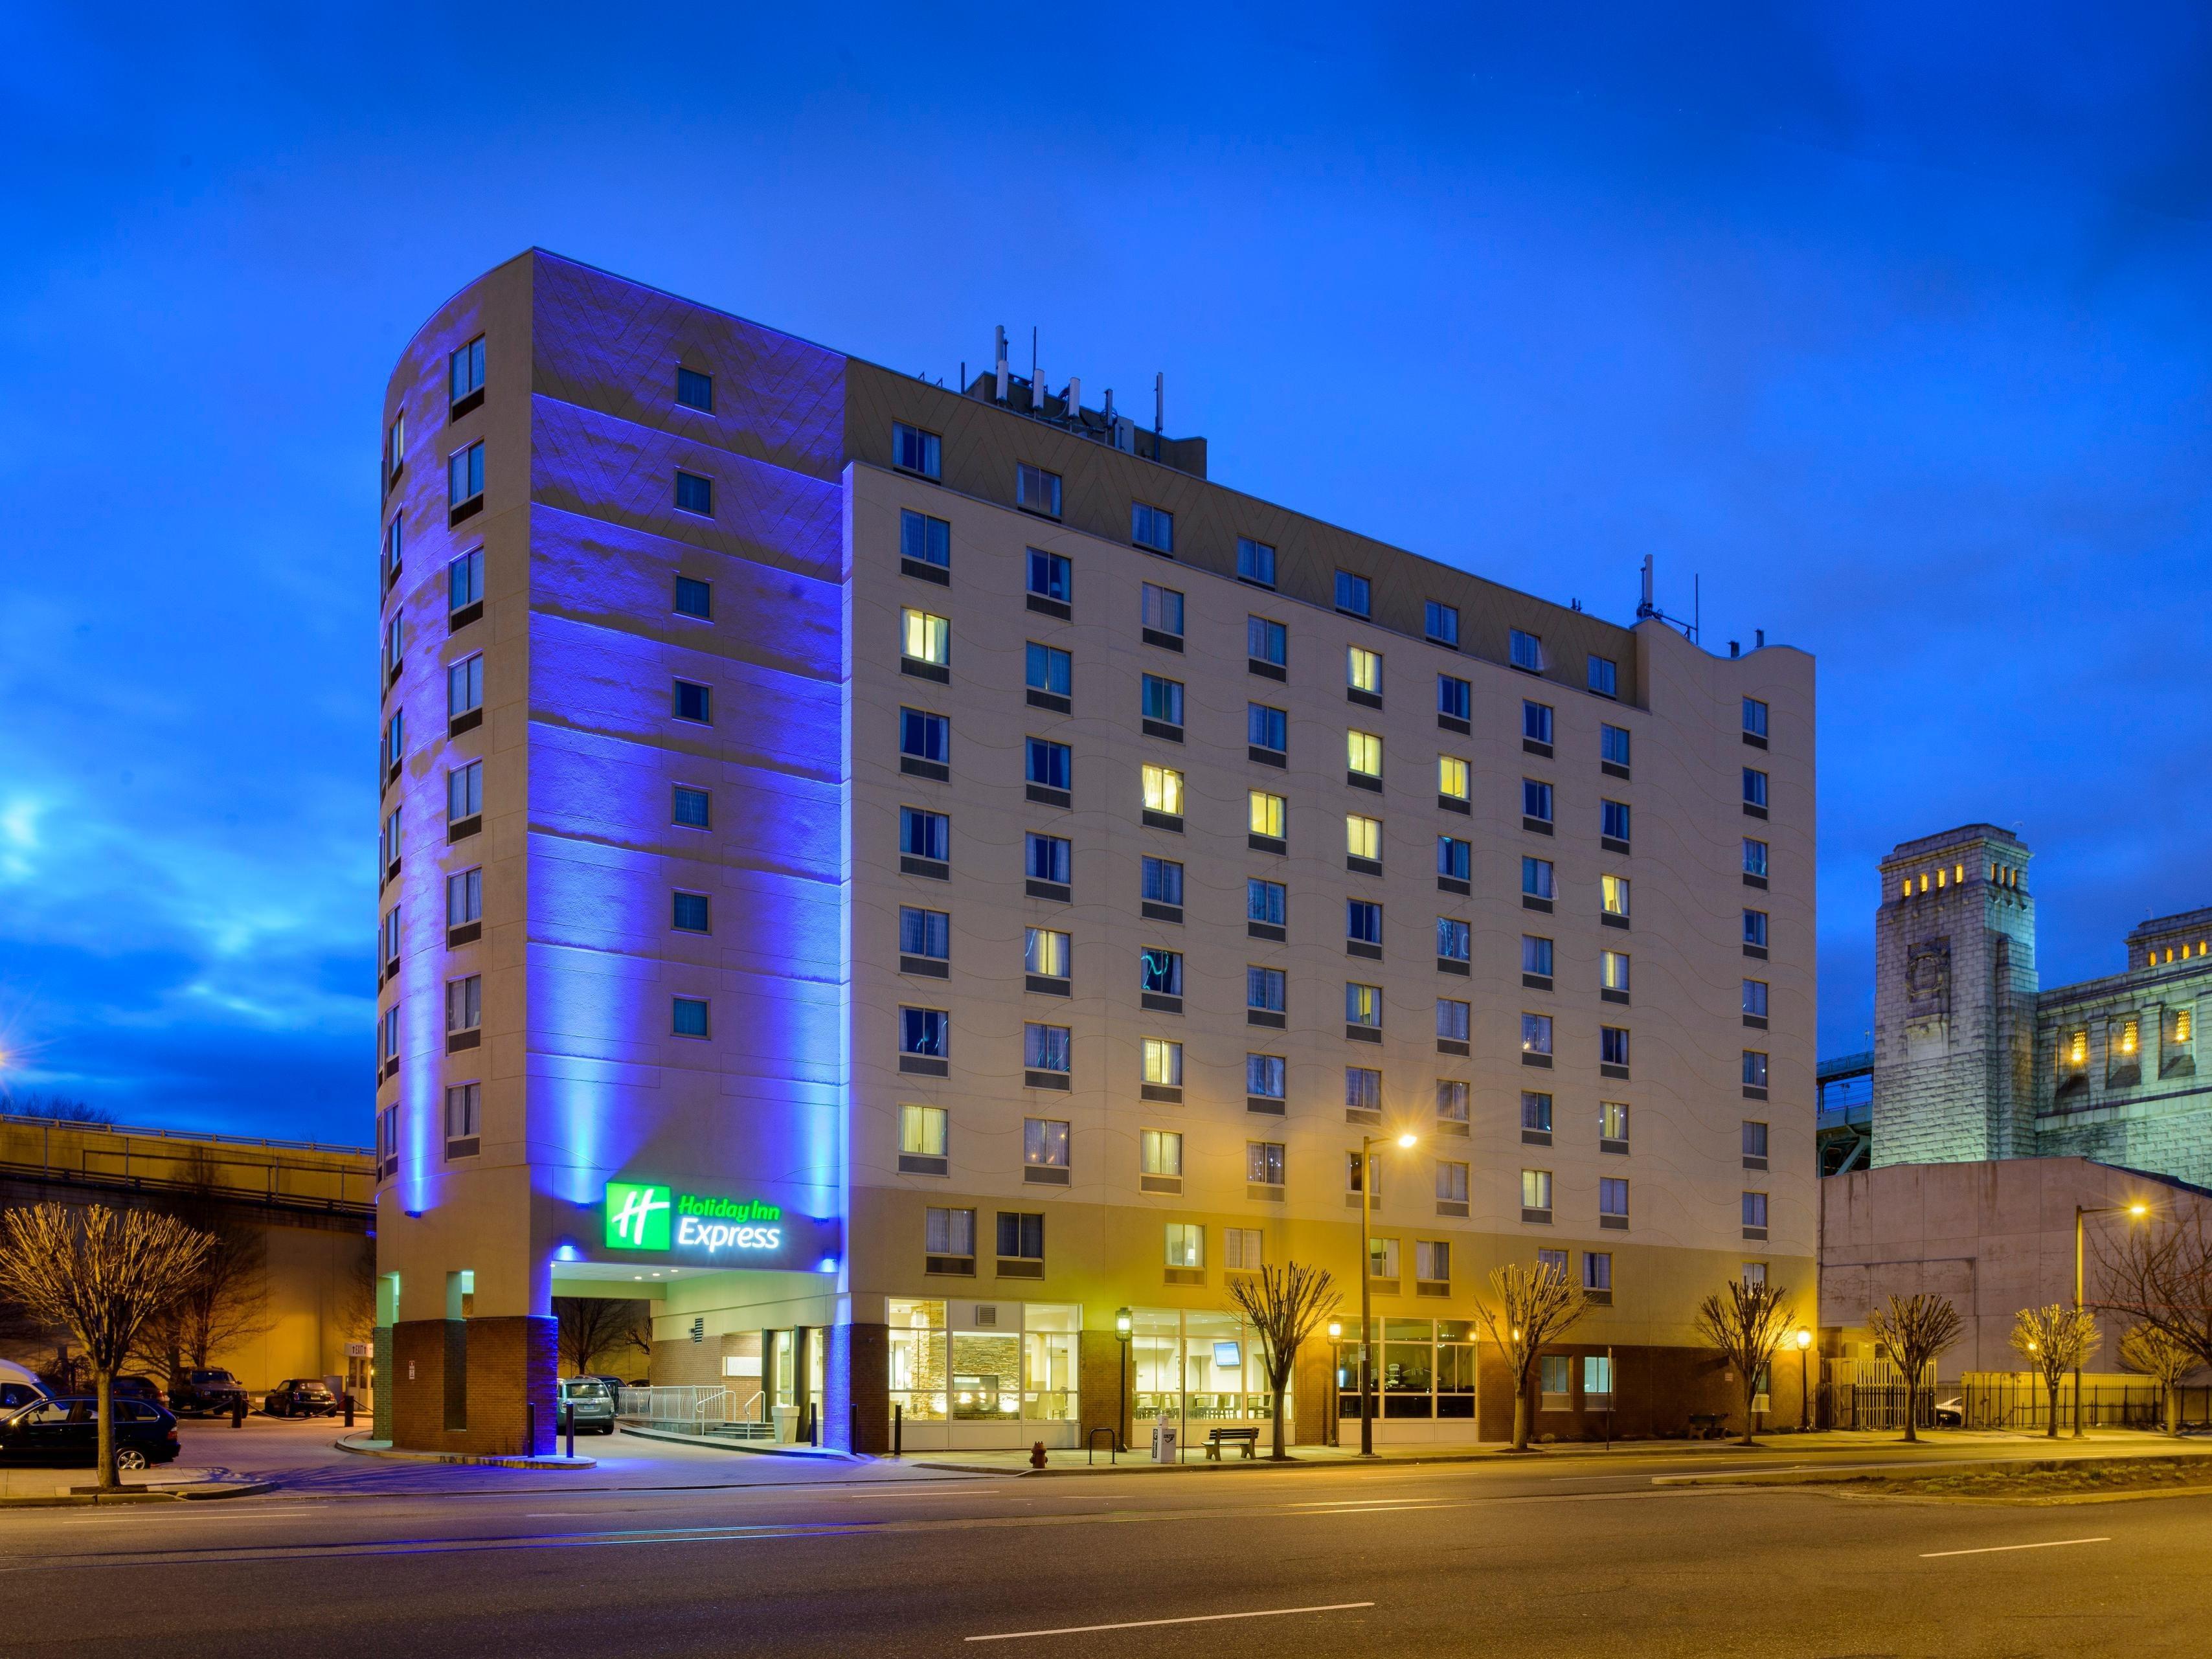 ВЗамоскворечье построили отель «Holiday inn Express»